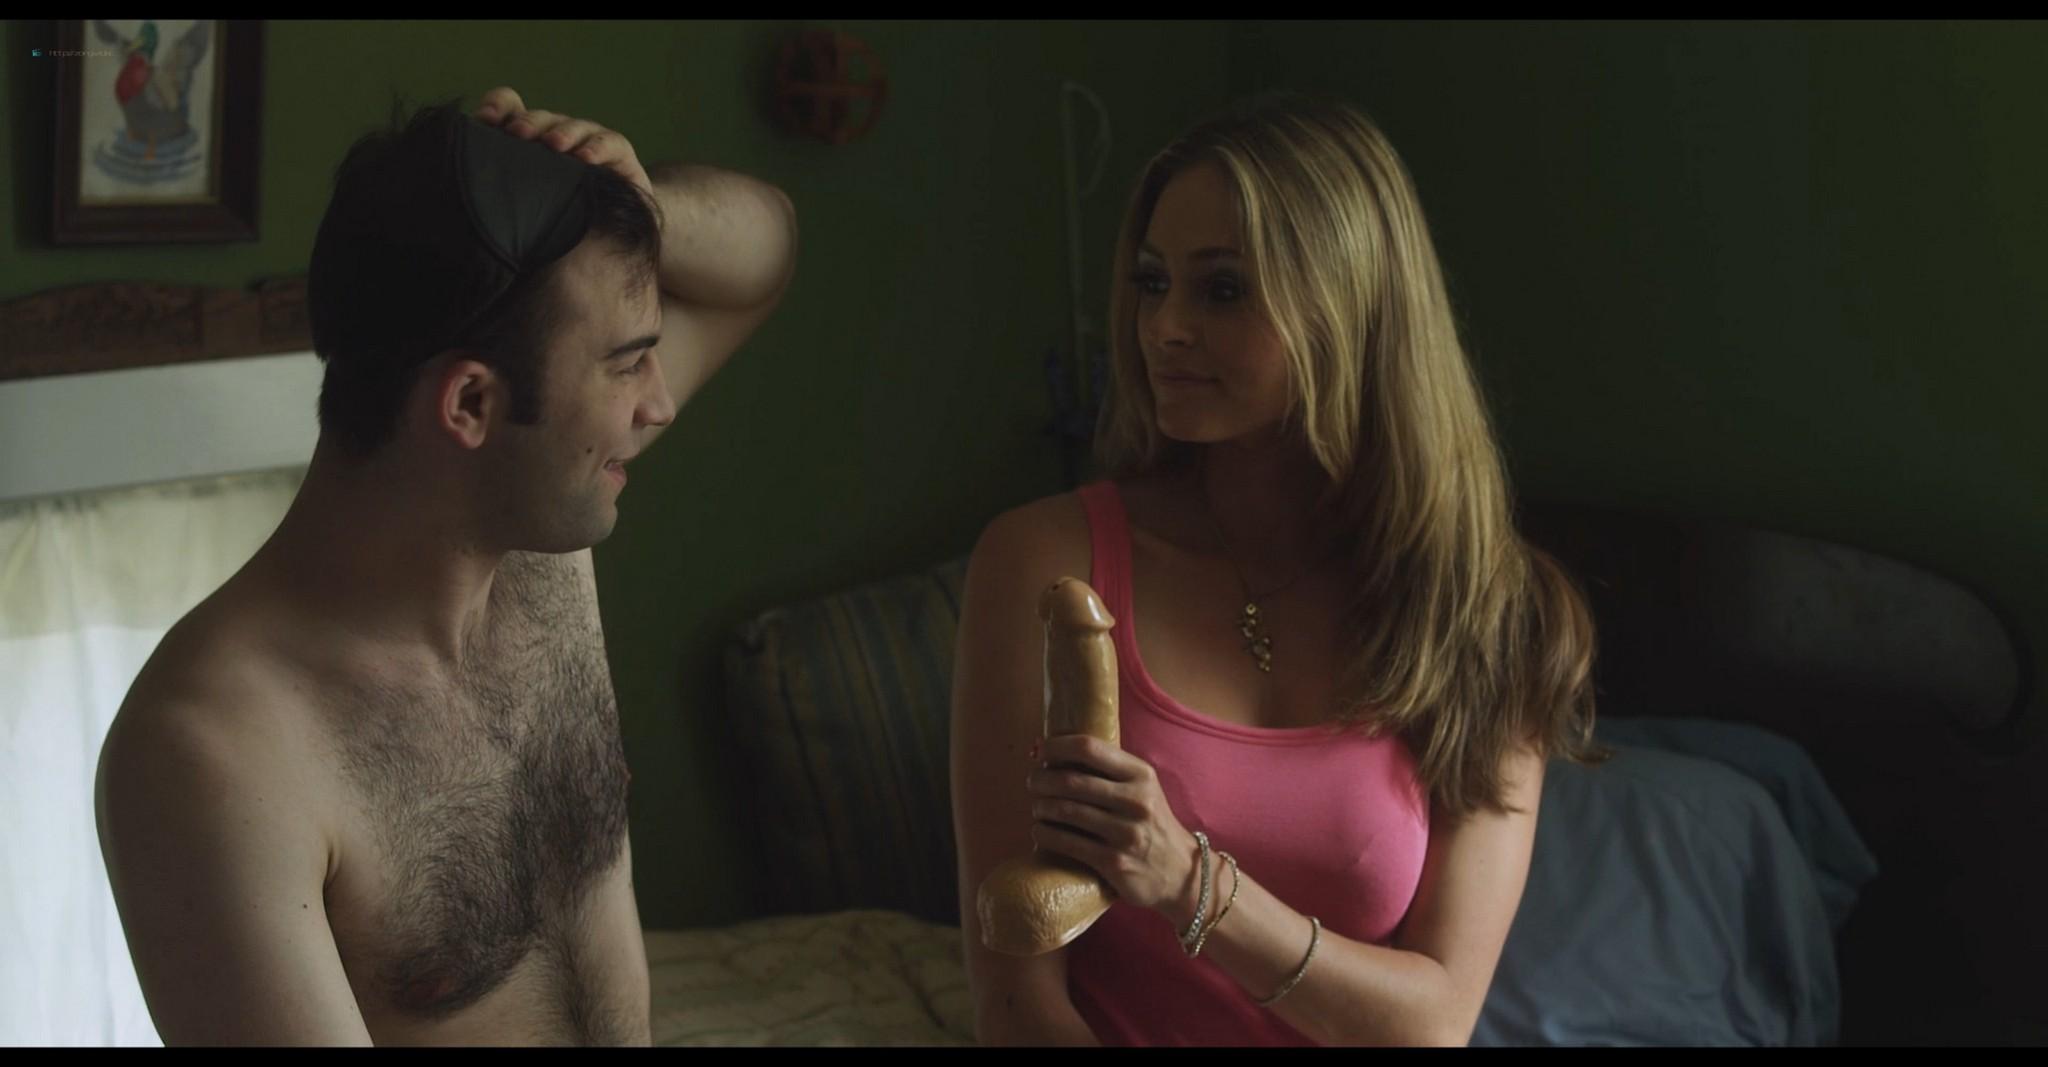 Mika boorem nackt